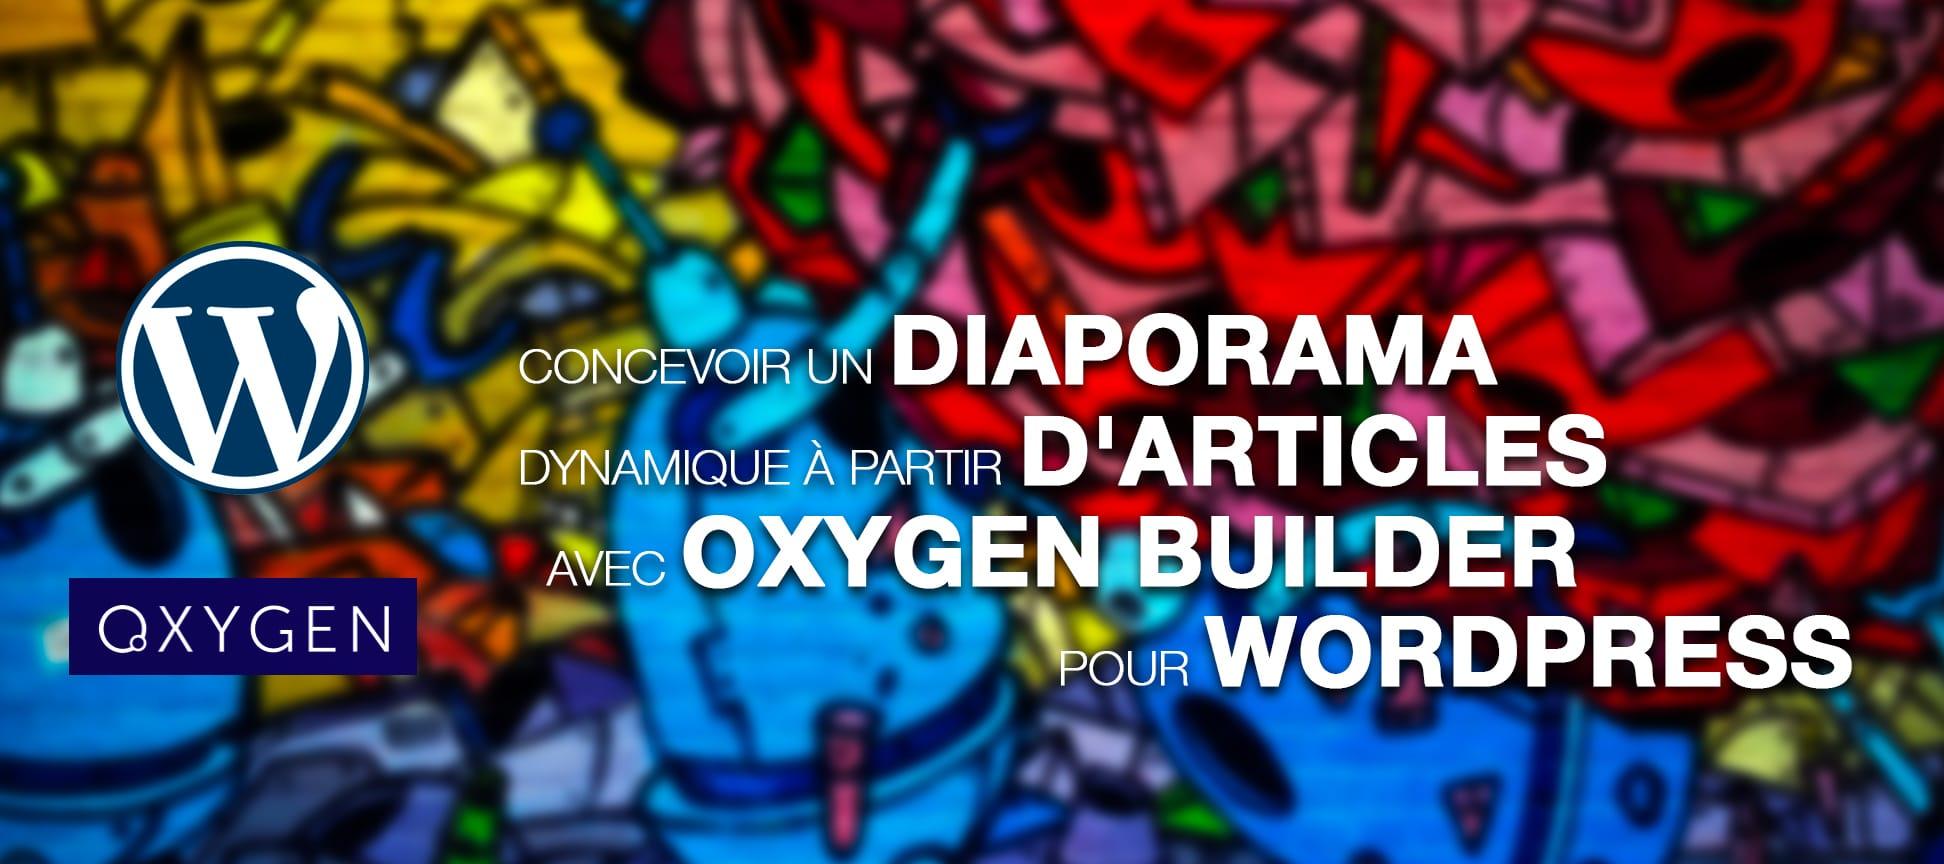 Concevoir un diaporama dynamique à partir d'articles et avec Oxygen pour Wordpress